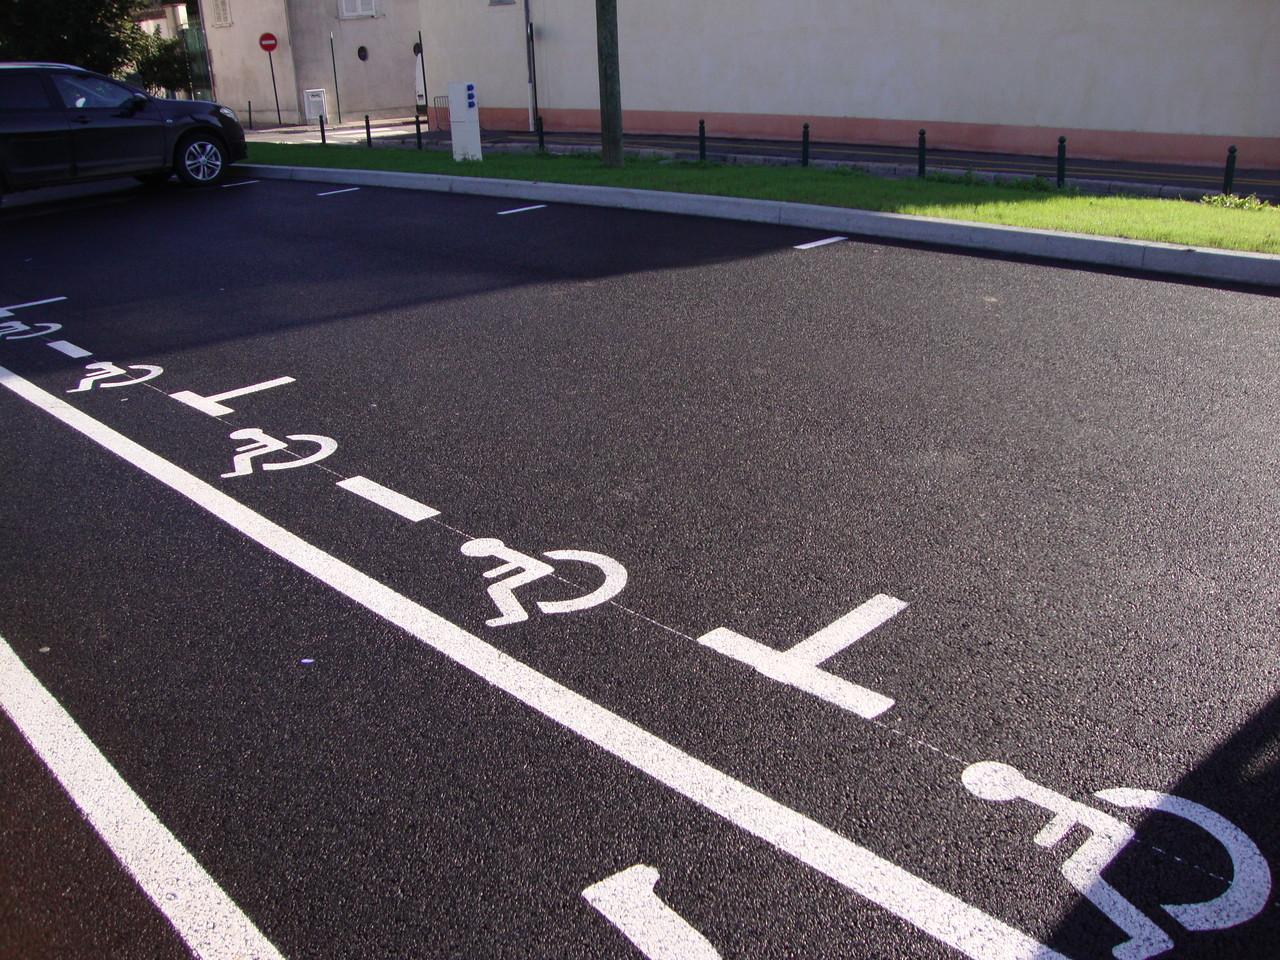 Stationnement pour personnes handicapées absence de matérialisation verticale